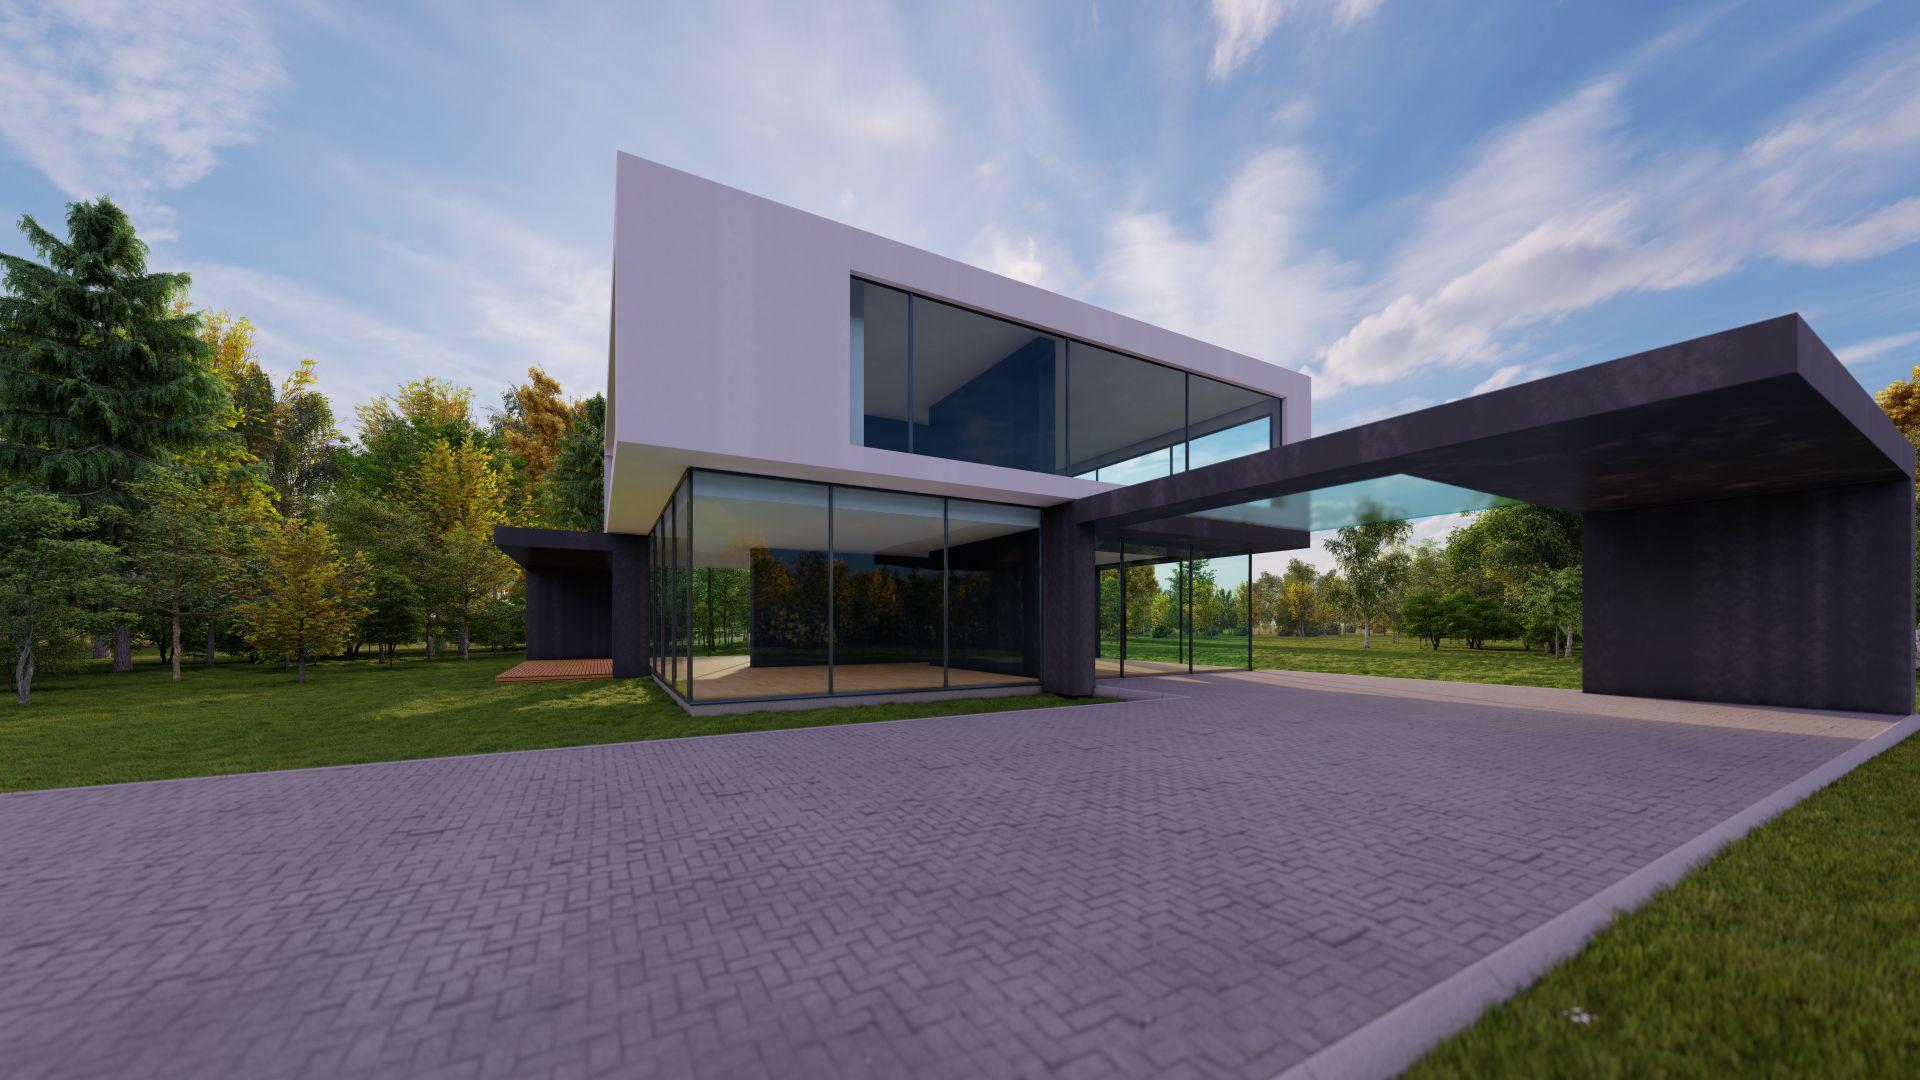 arhitektuurne 3d pilt hoone visualiseerimine 49